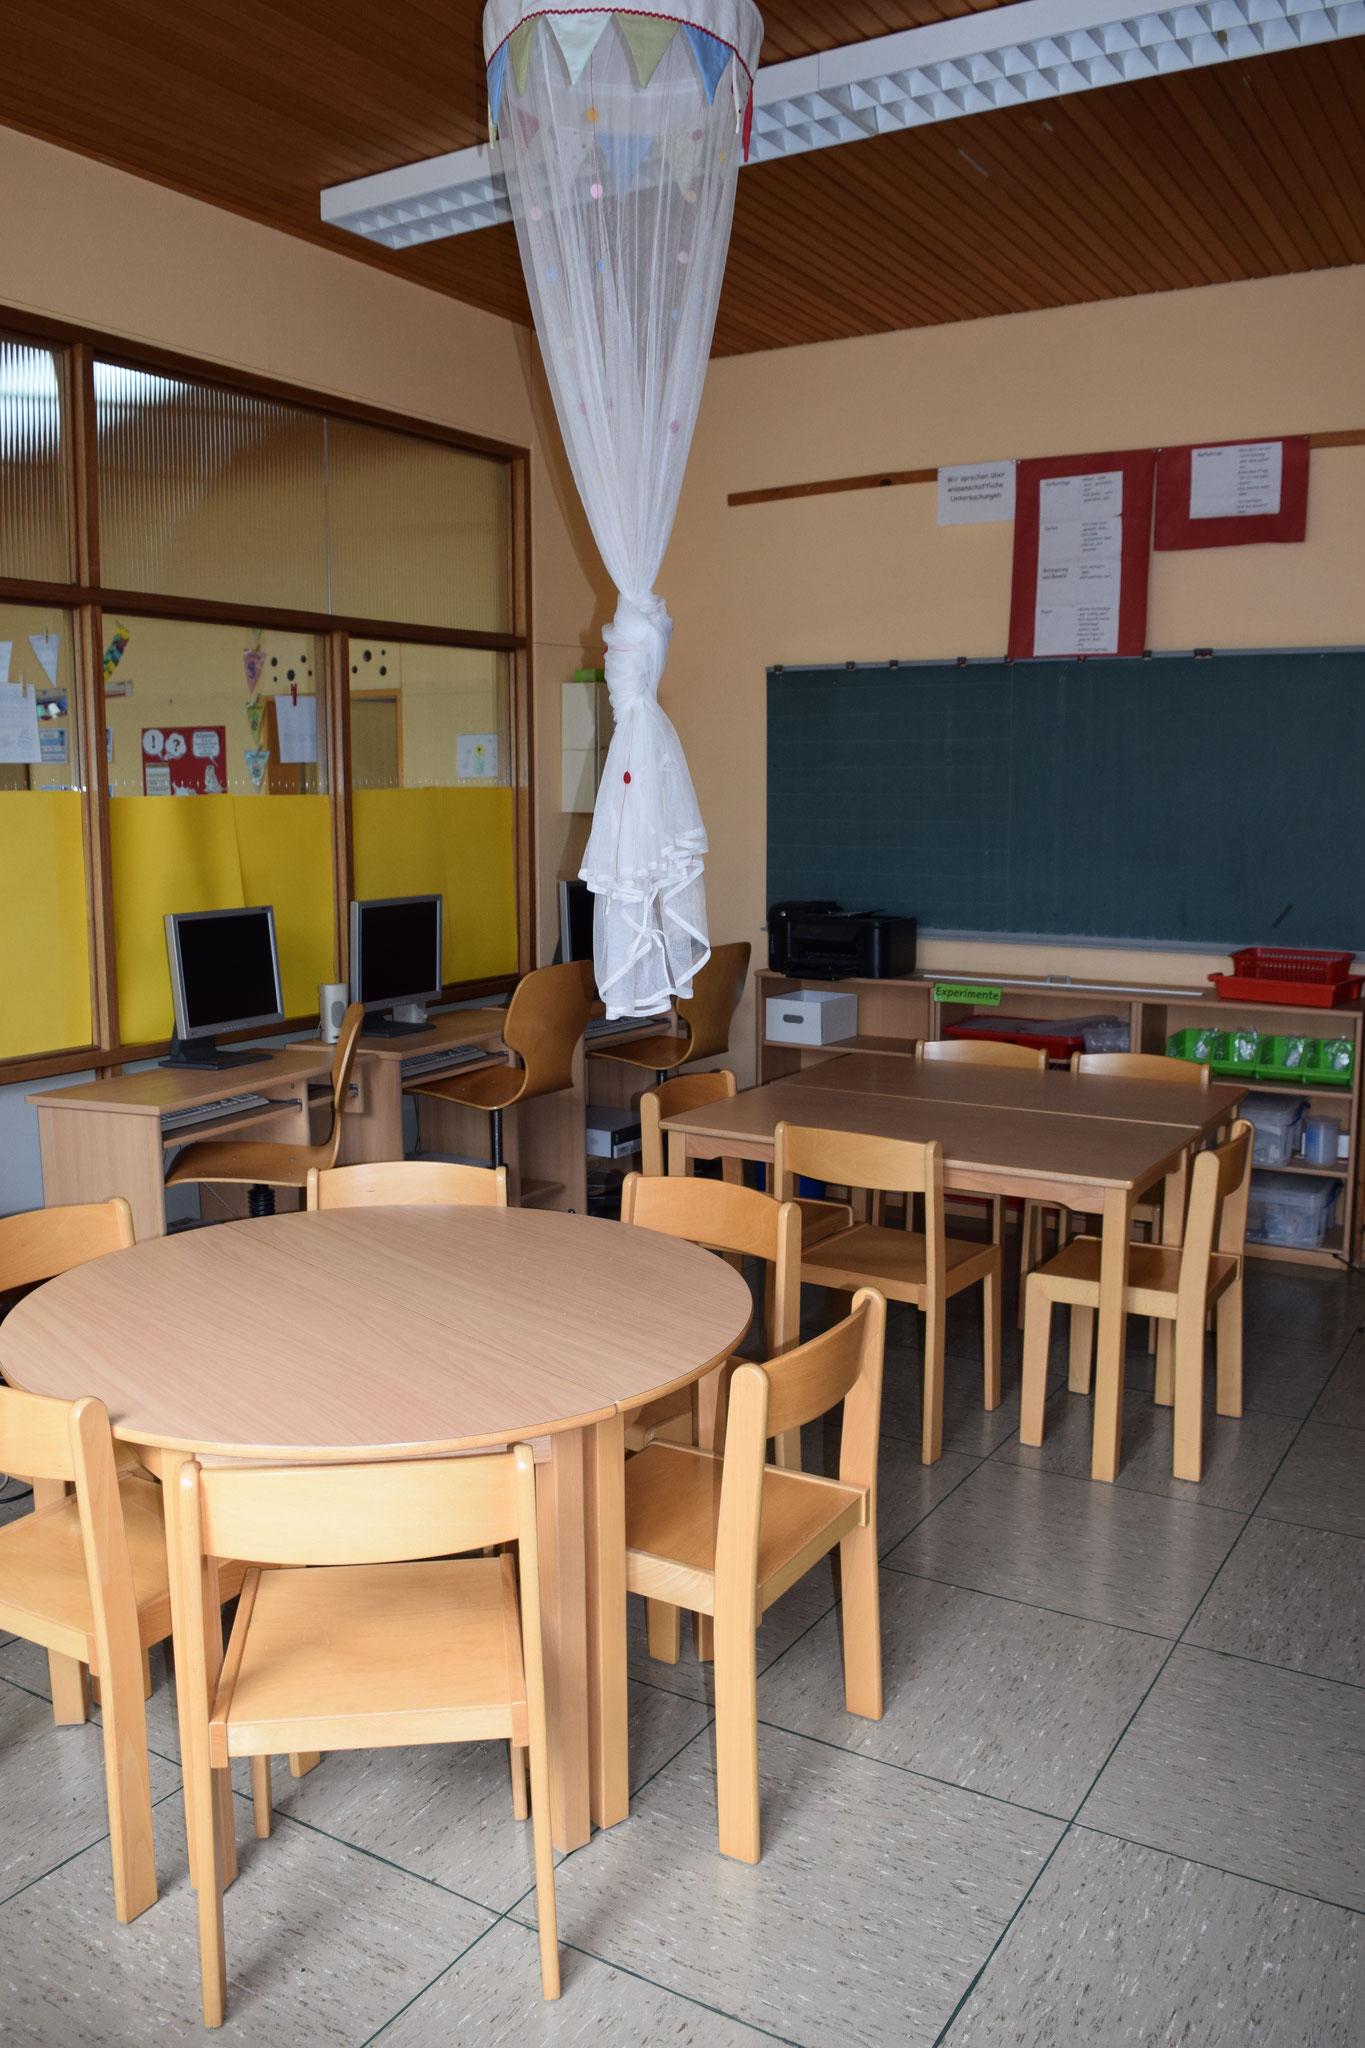 Unser Mittelraum. Dort kann man alleine oder in Gruppen arbeiten.